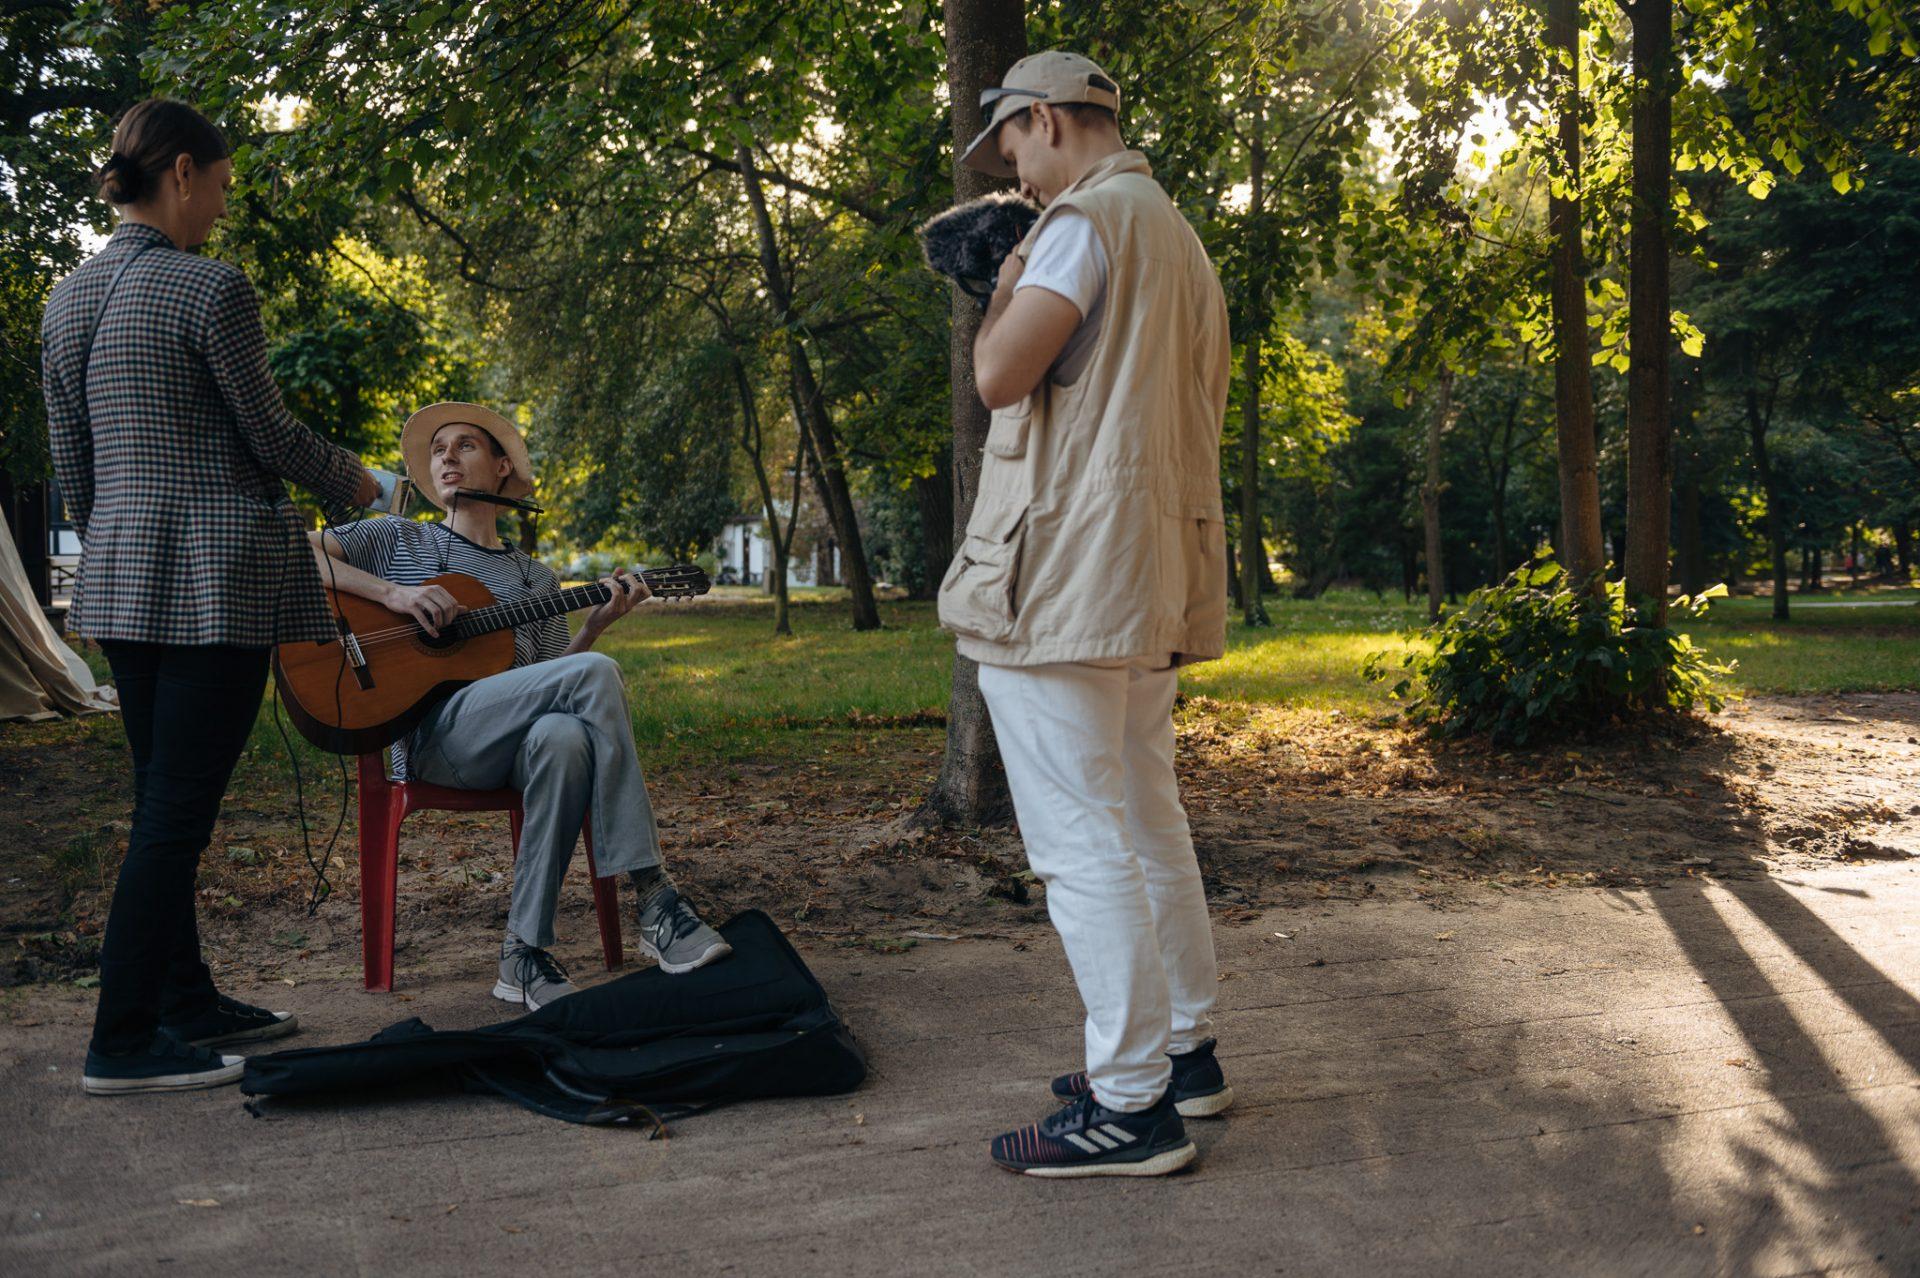 Troje młodych ludzi w zielonym parku: mężczyzna z kamerą, kobieta z mikrofonem rozmawiają z mężczyzną trzymającym w rękach gitarę